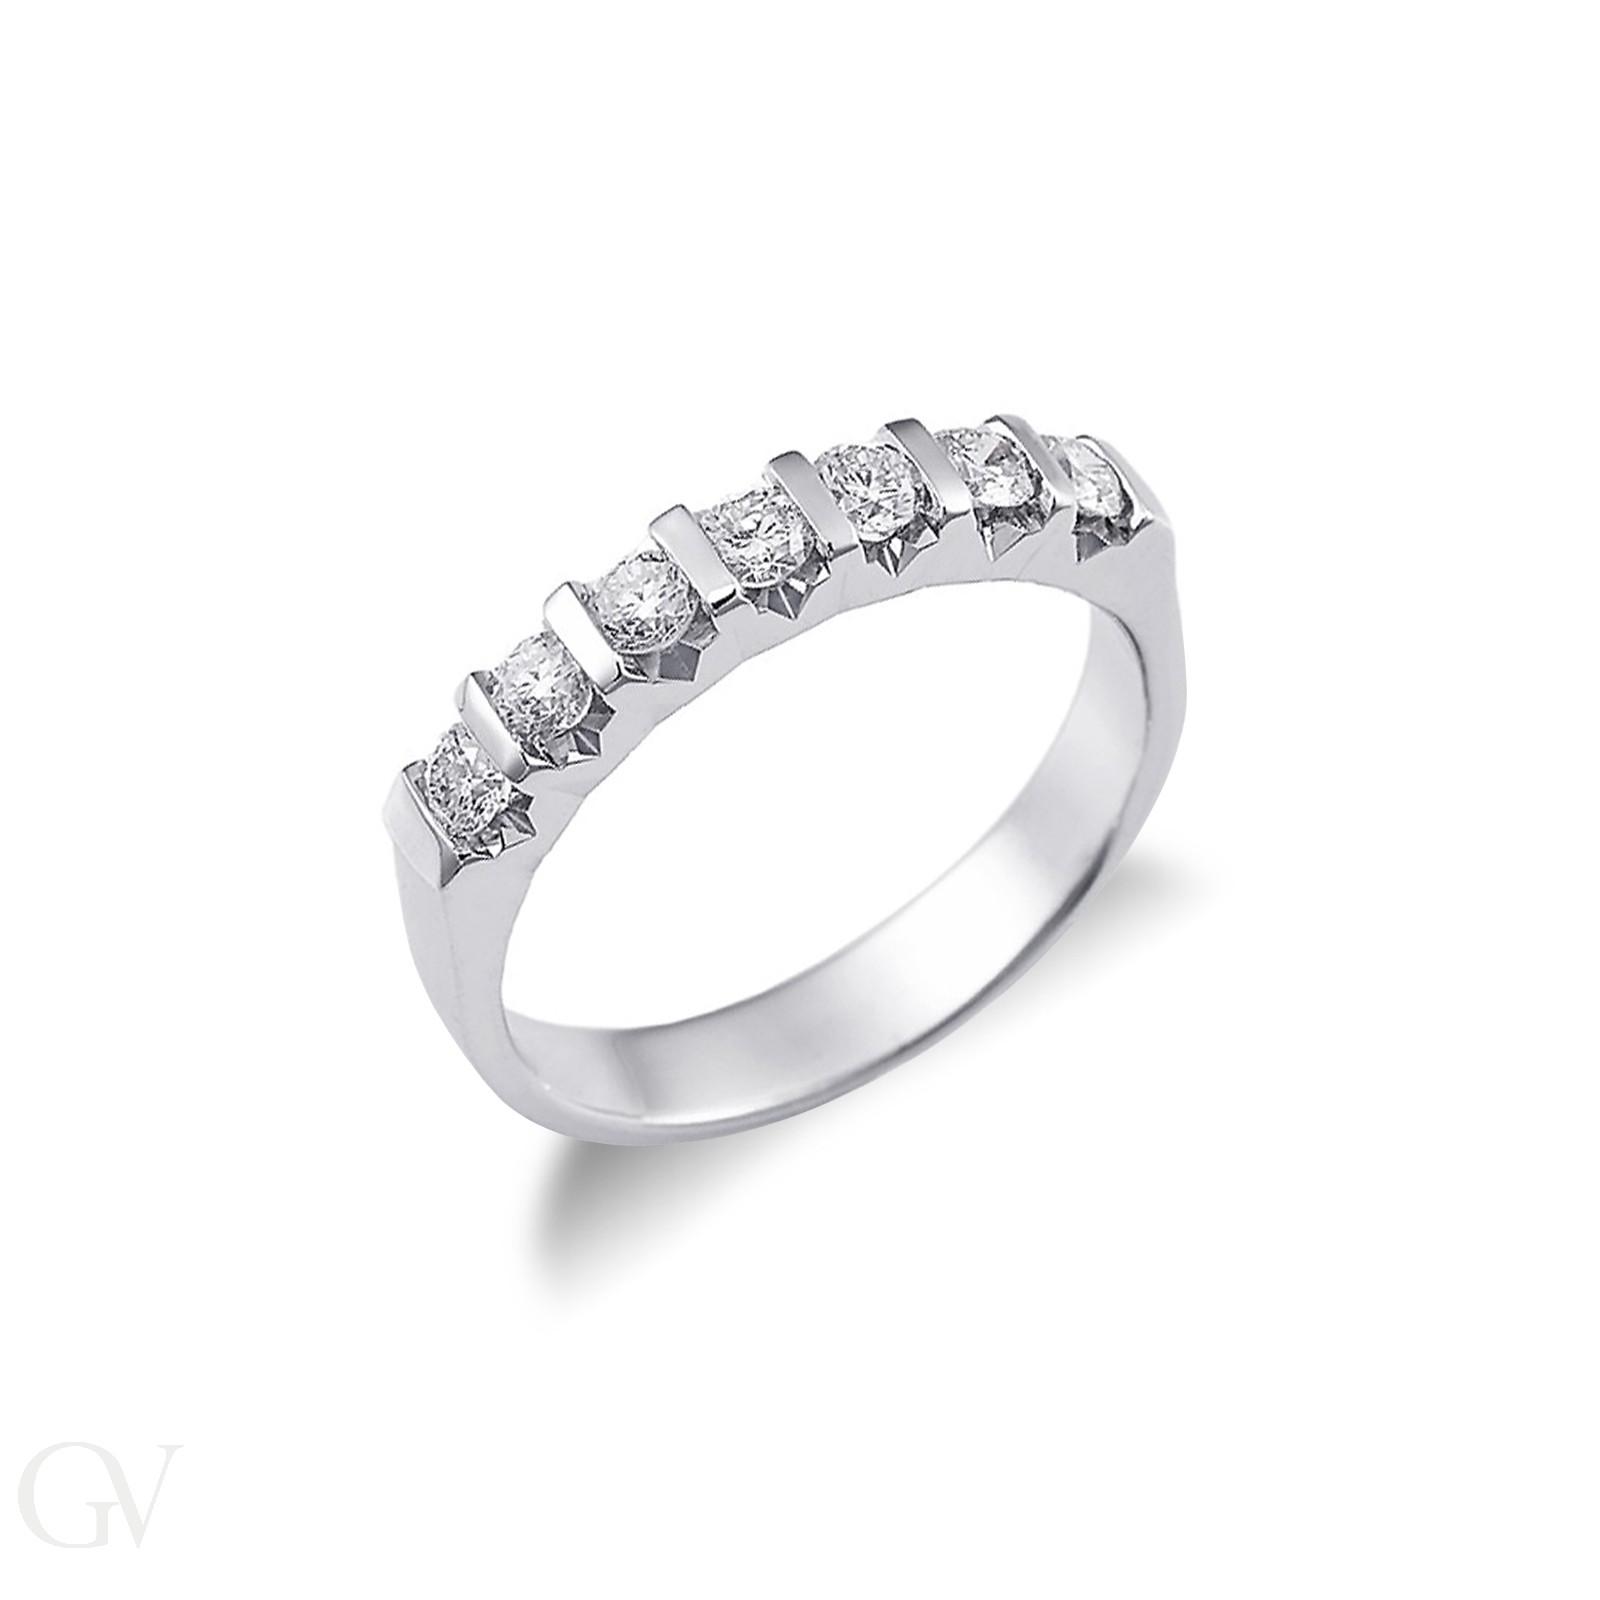 Anello Veretta a 7 pietre in Oro bianco 18k con diamanti ct. 0,70.